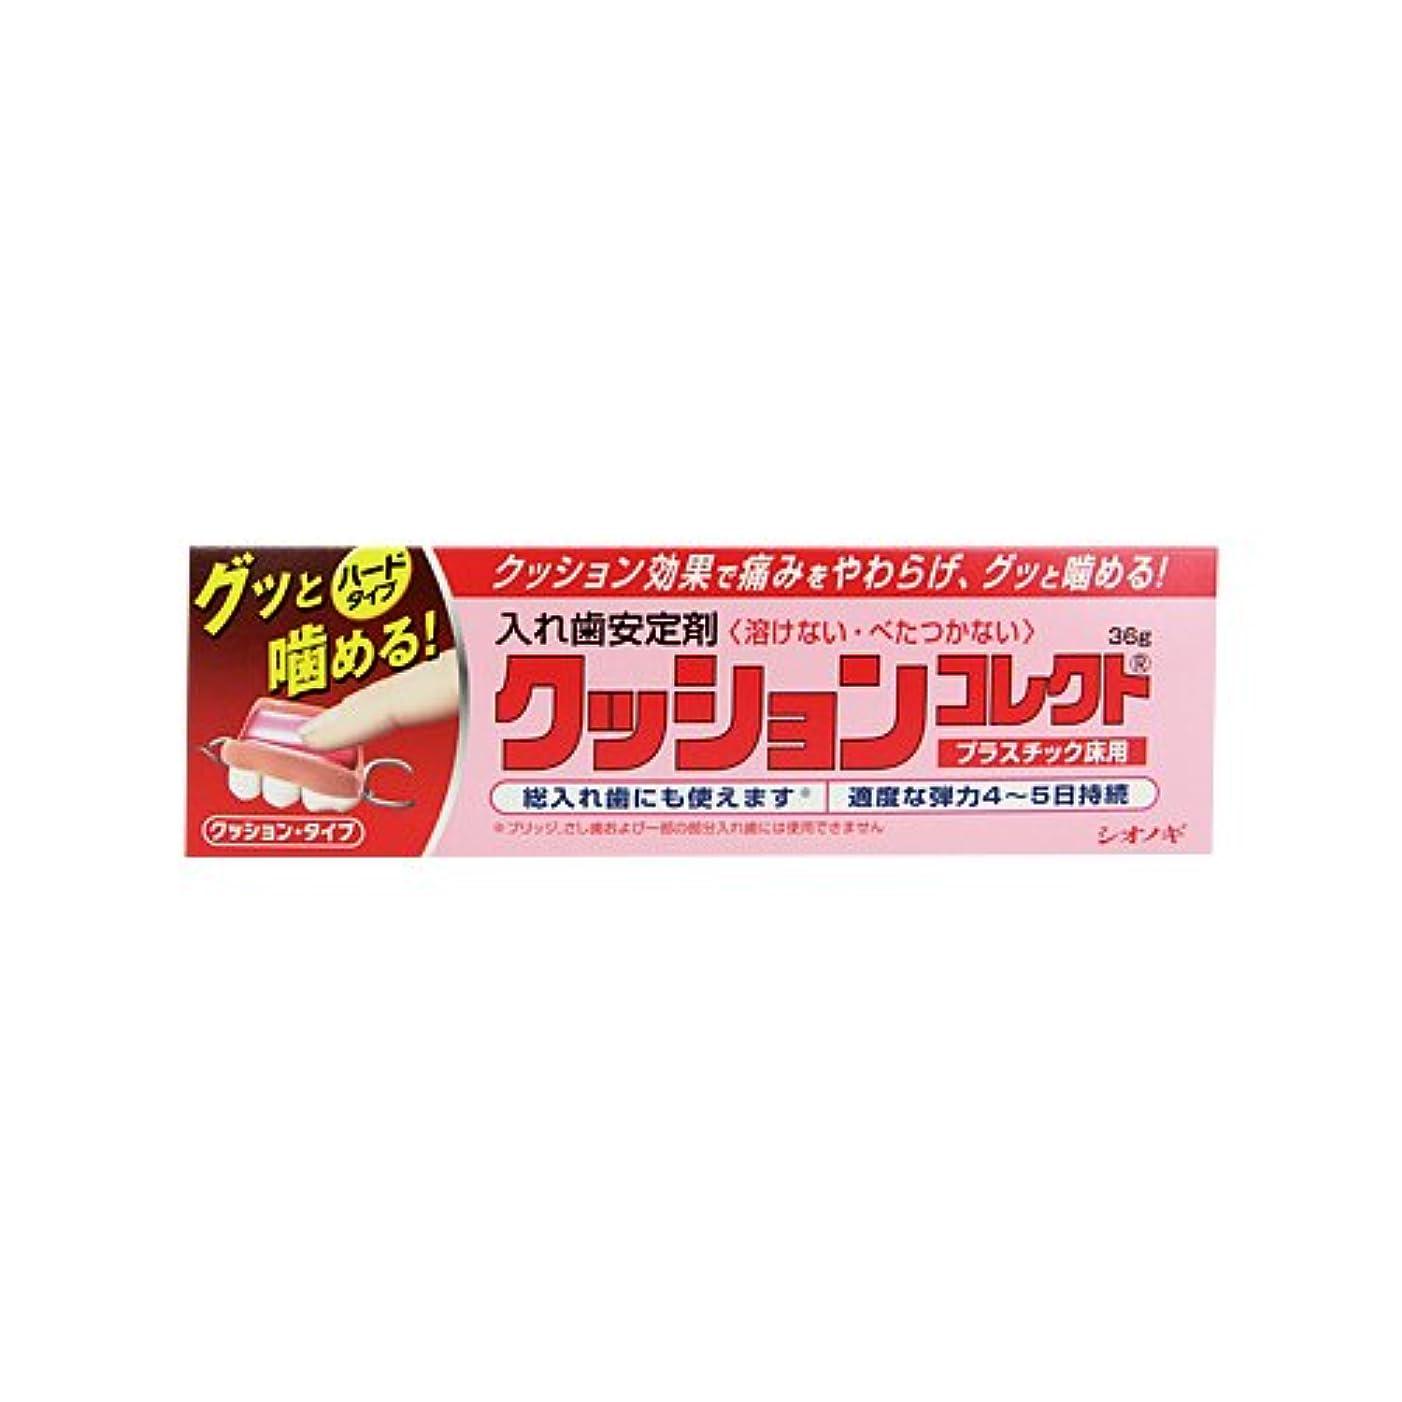 裁量任命する手数料シオノギ製薬 クッションコレクト クッションタイプ 36g